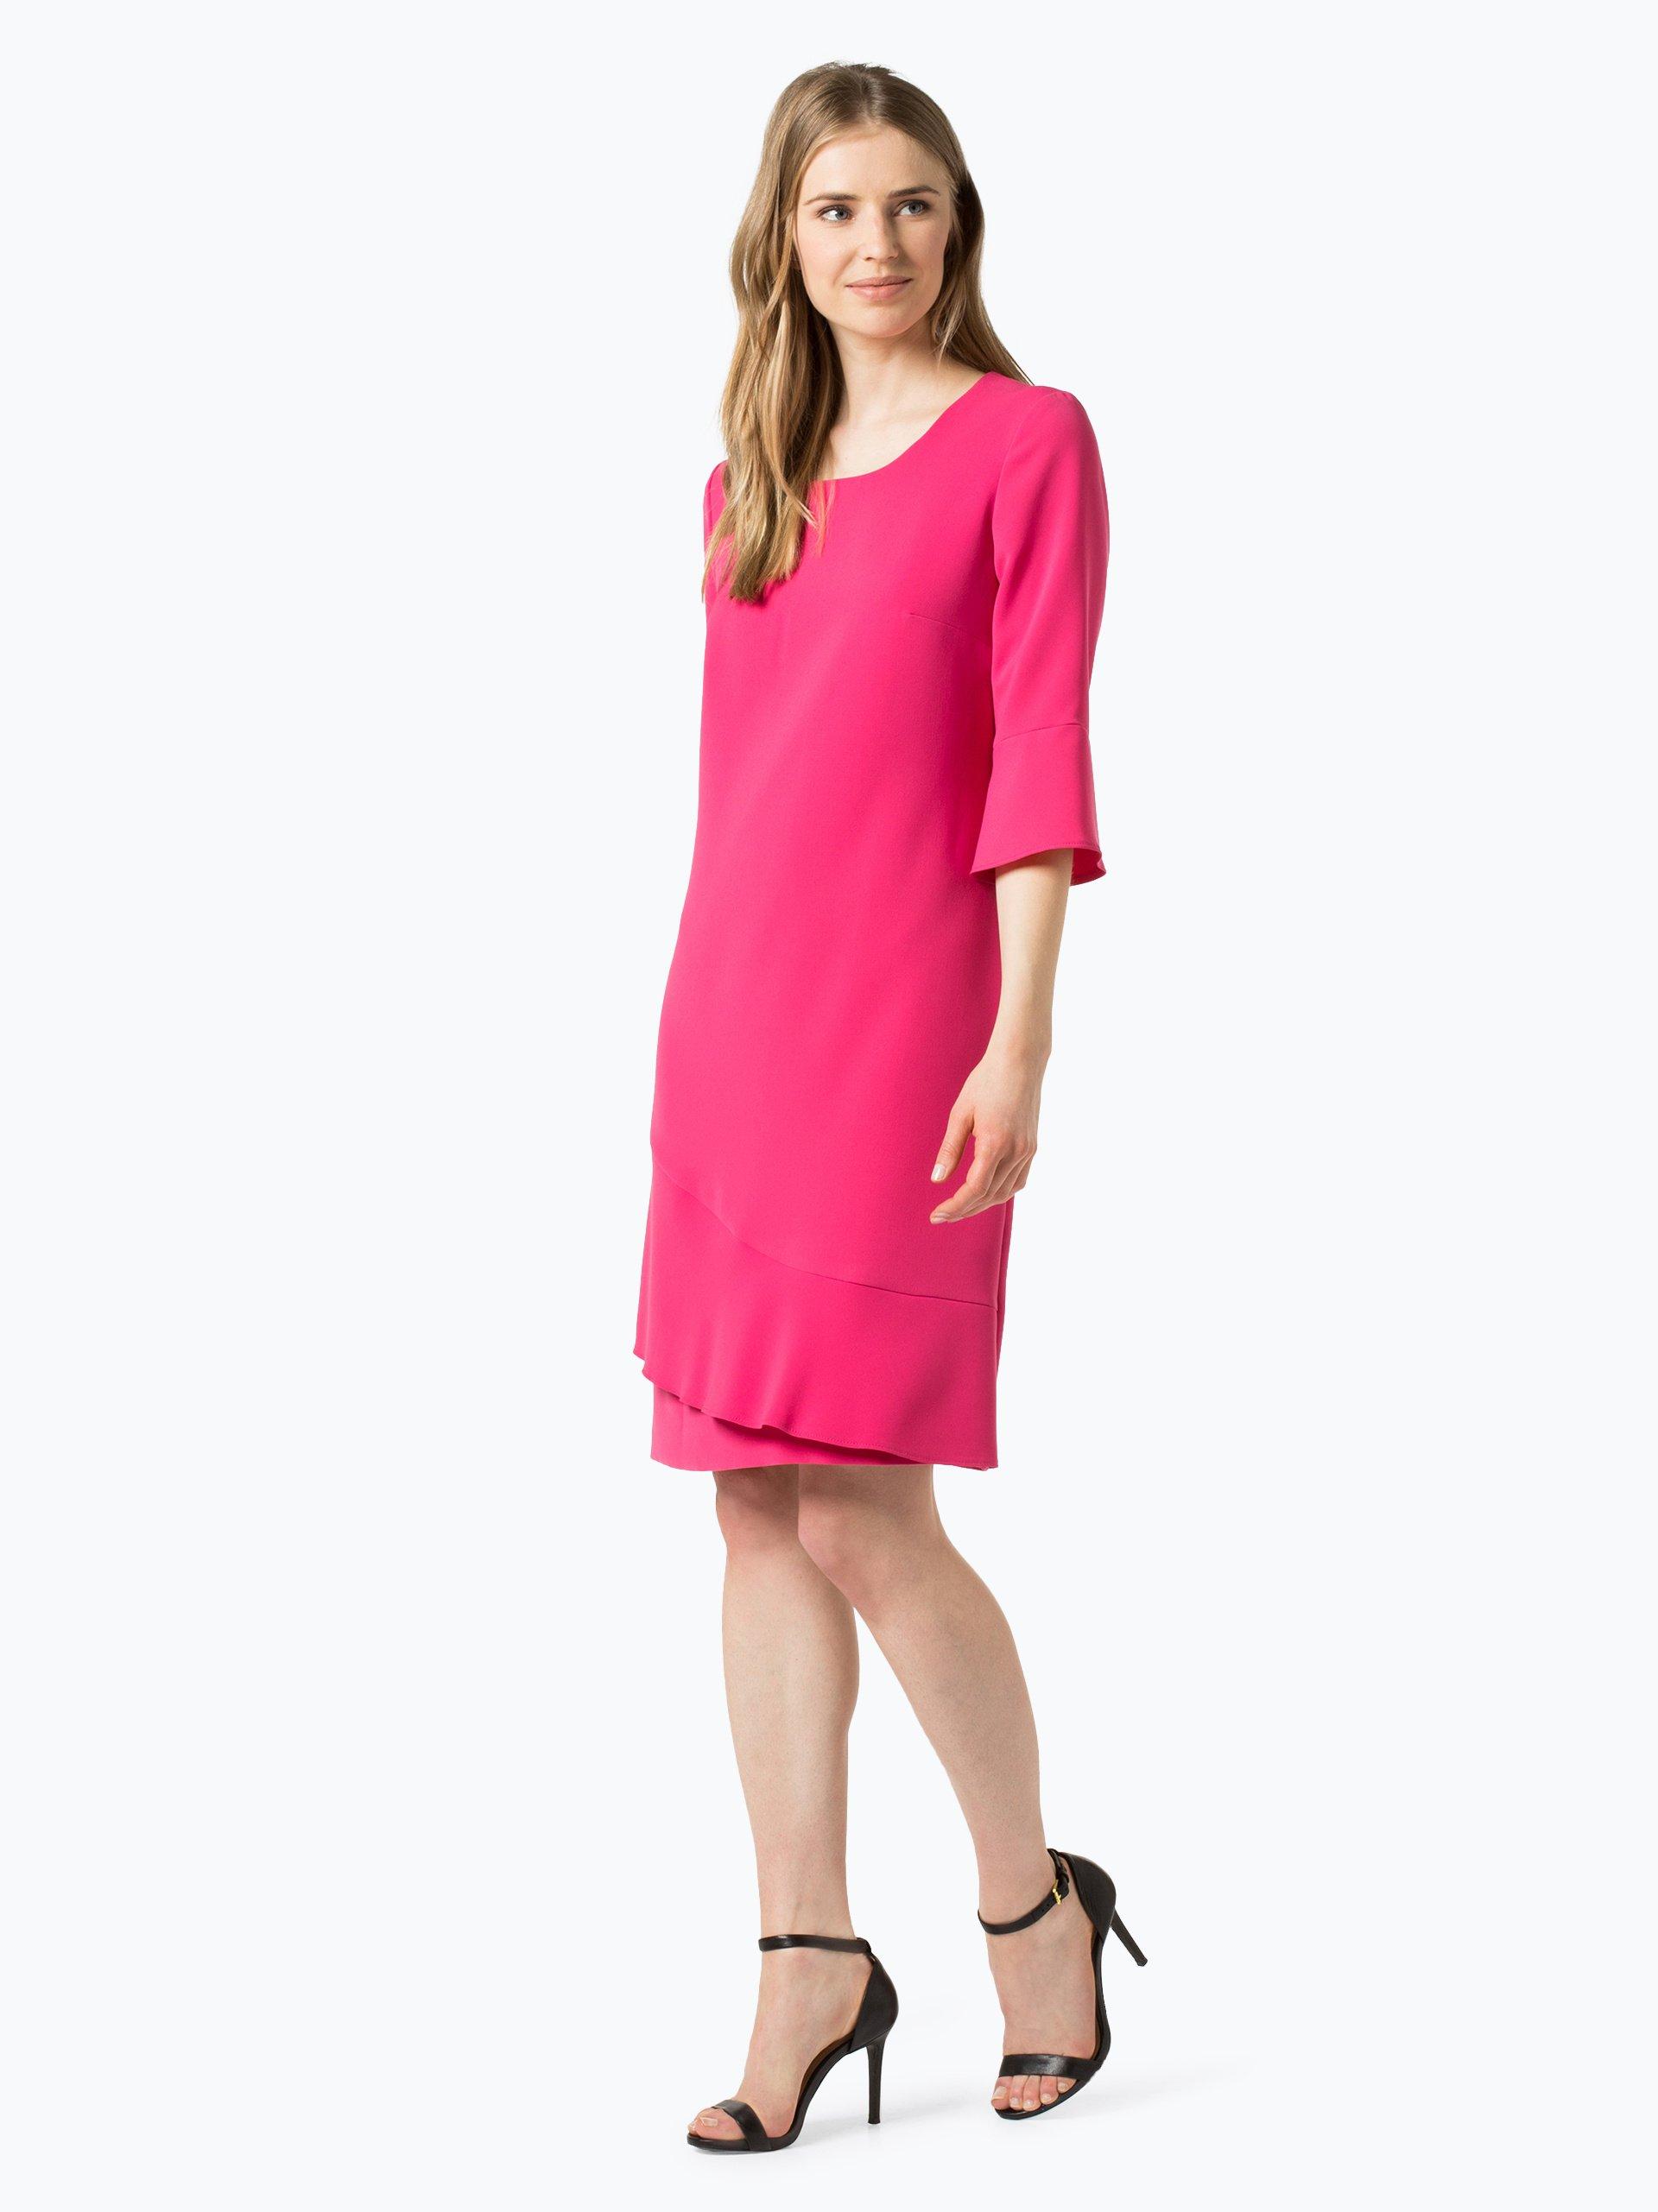 gerry weber damen kleid pink uni online kaufen peek und cloppenburg de. Black Bedroom Furniture Sets. Home Design Ideas